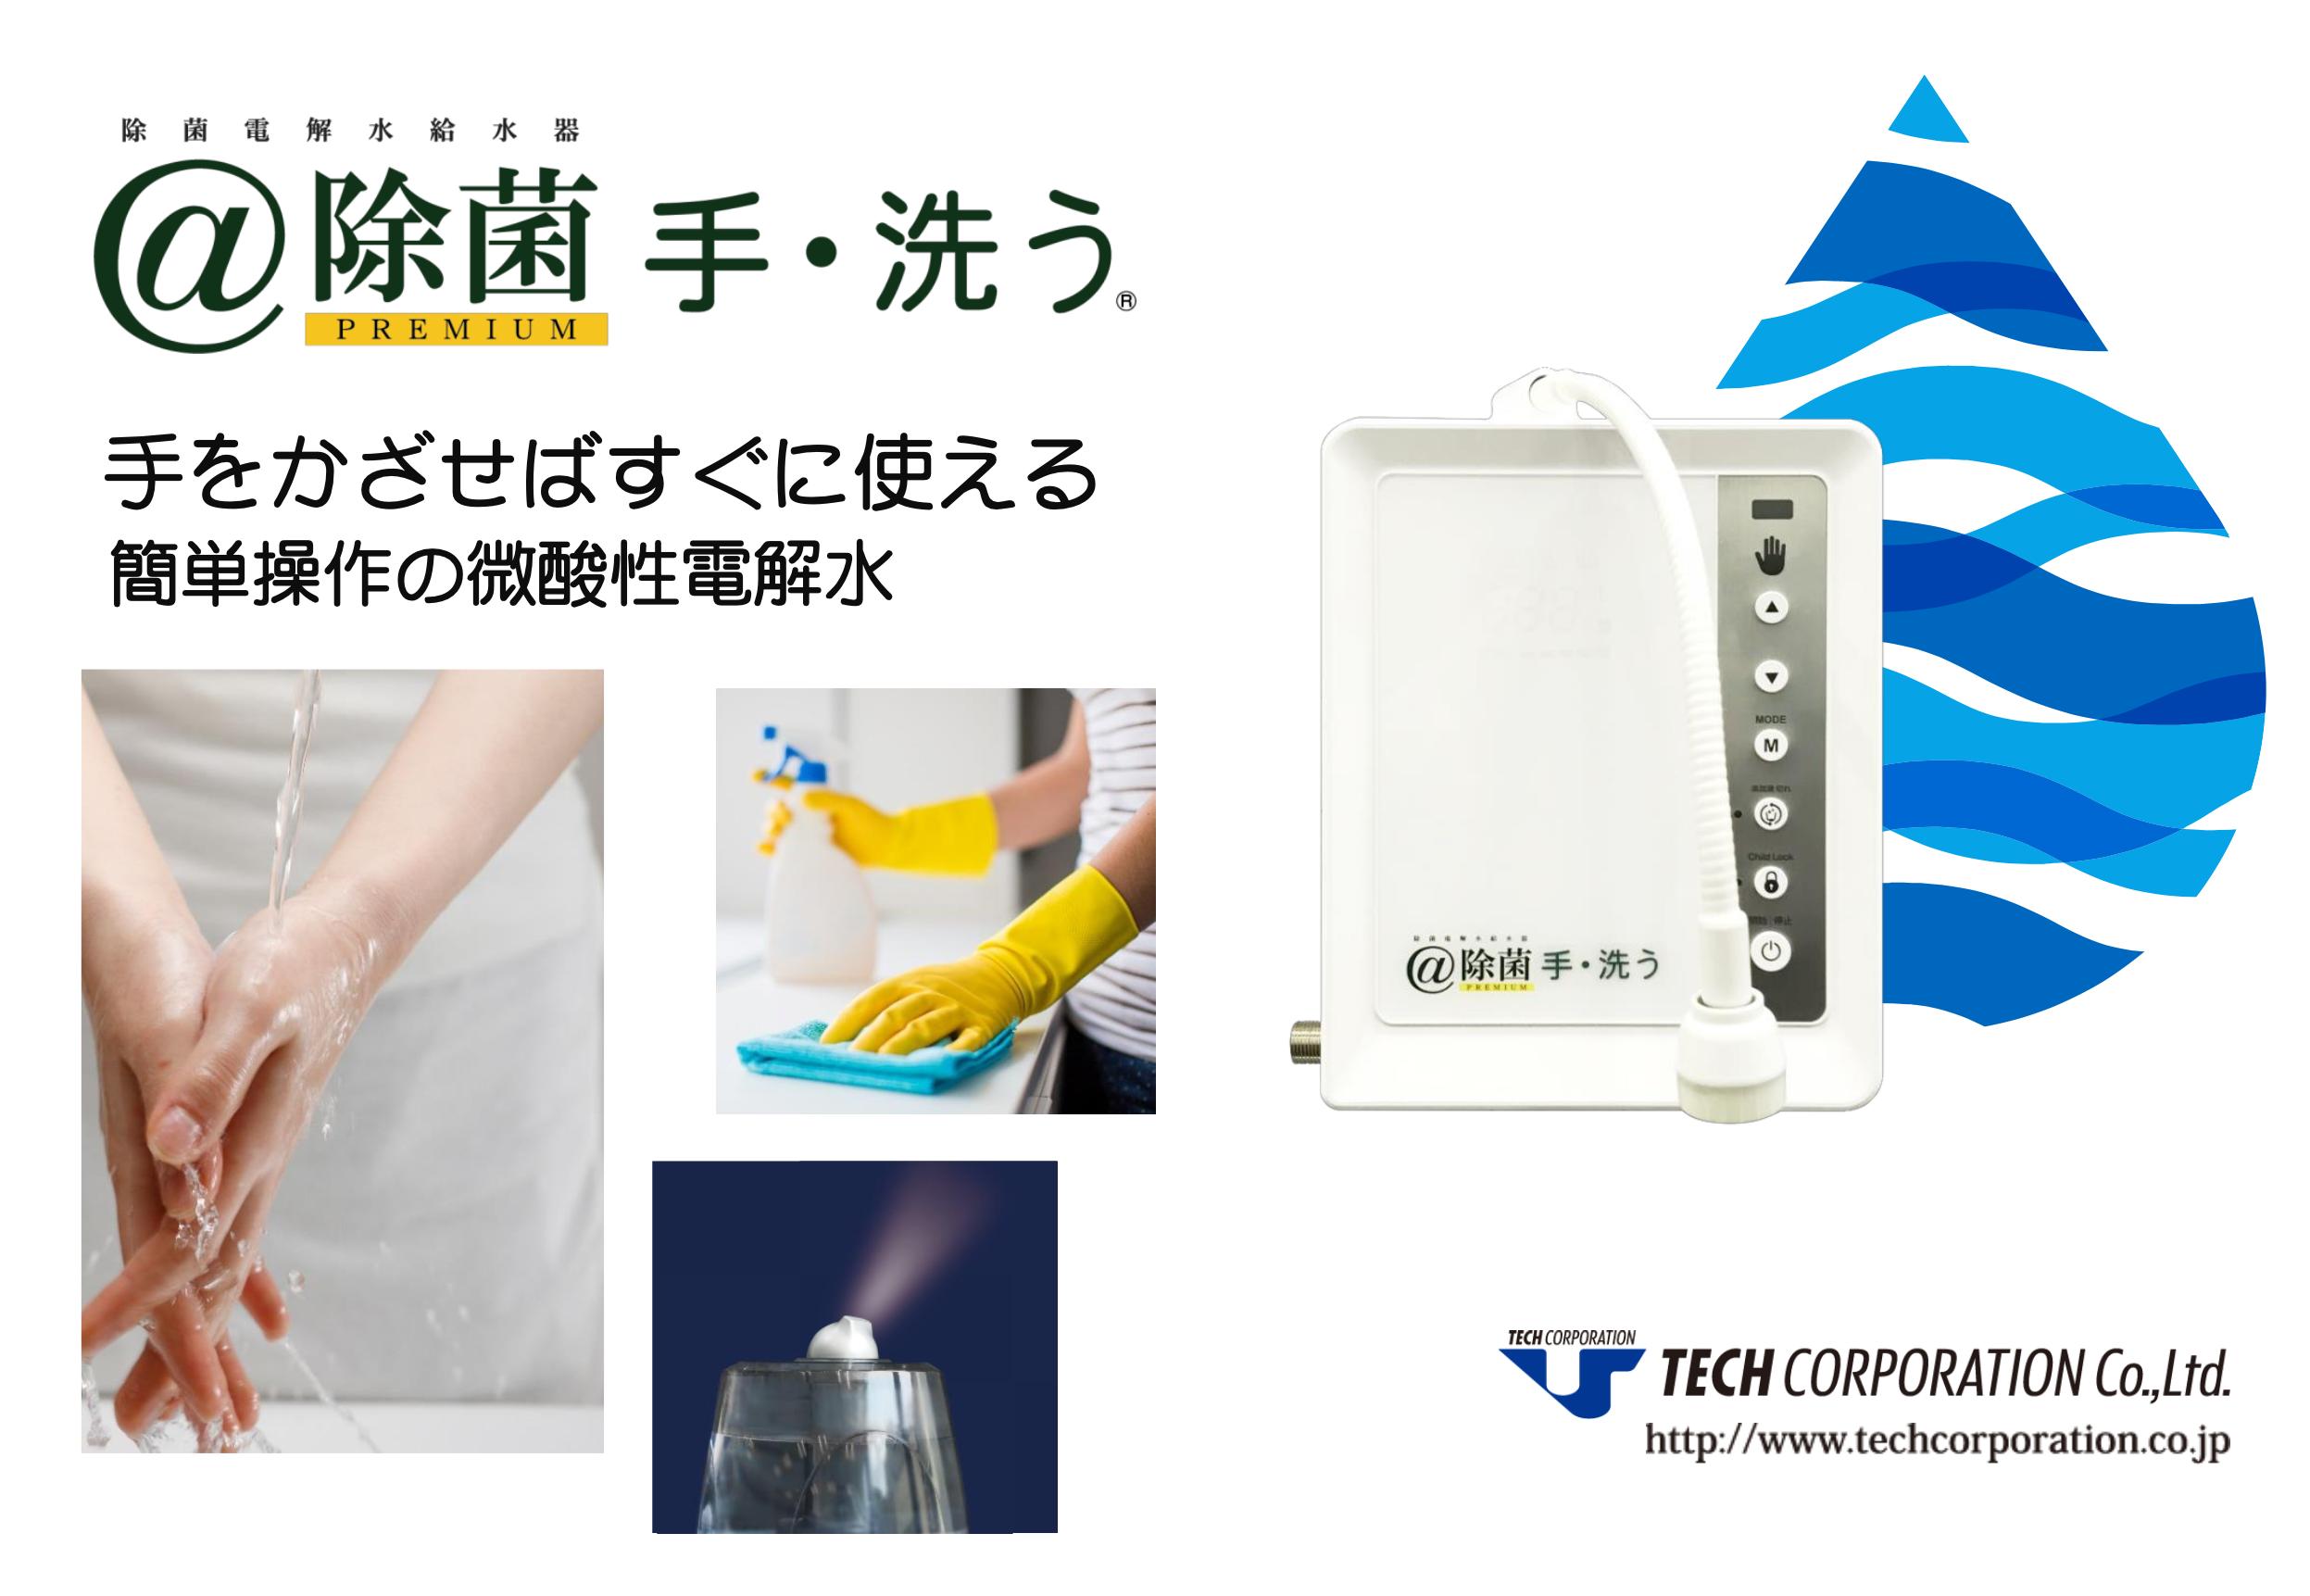 「@除菌PREMIUM手・洗う」のご紹介 微酸性電解水